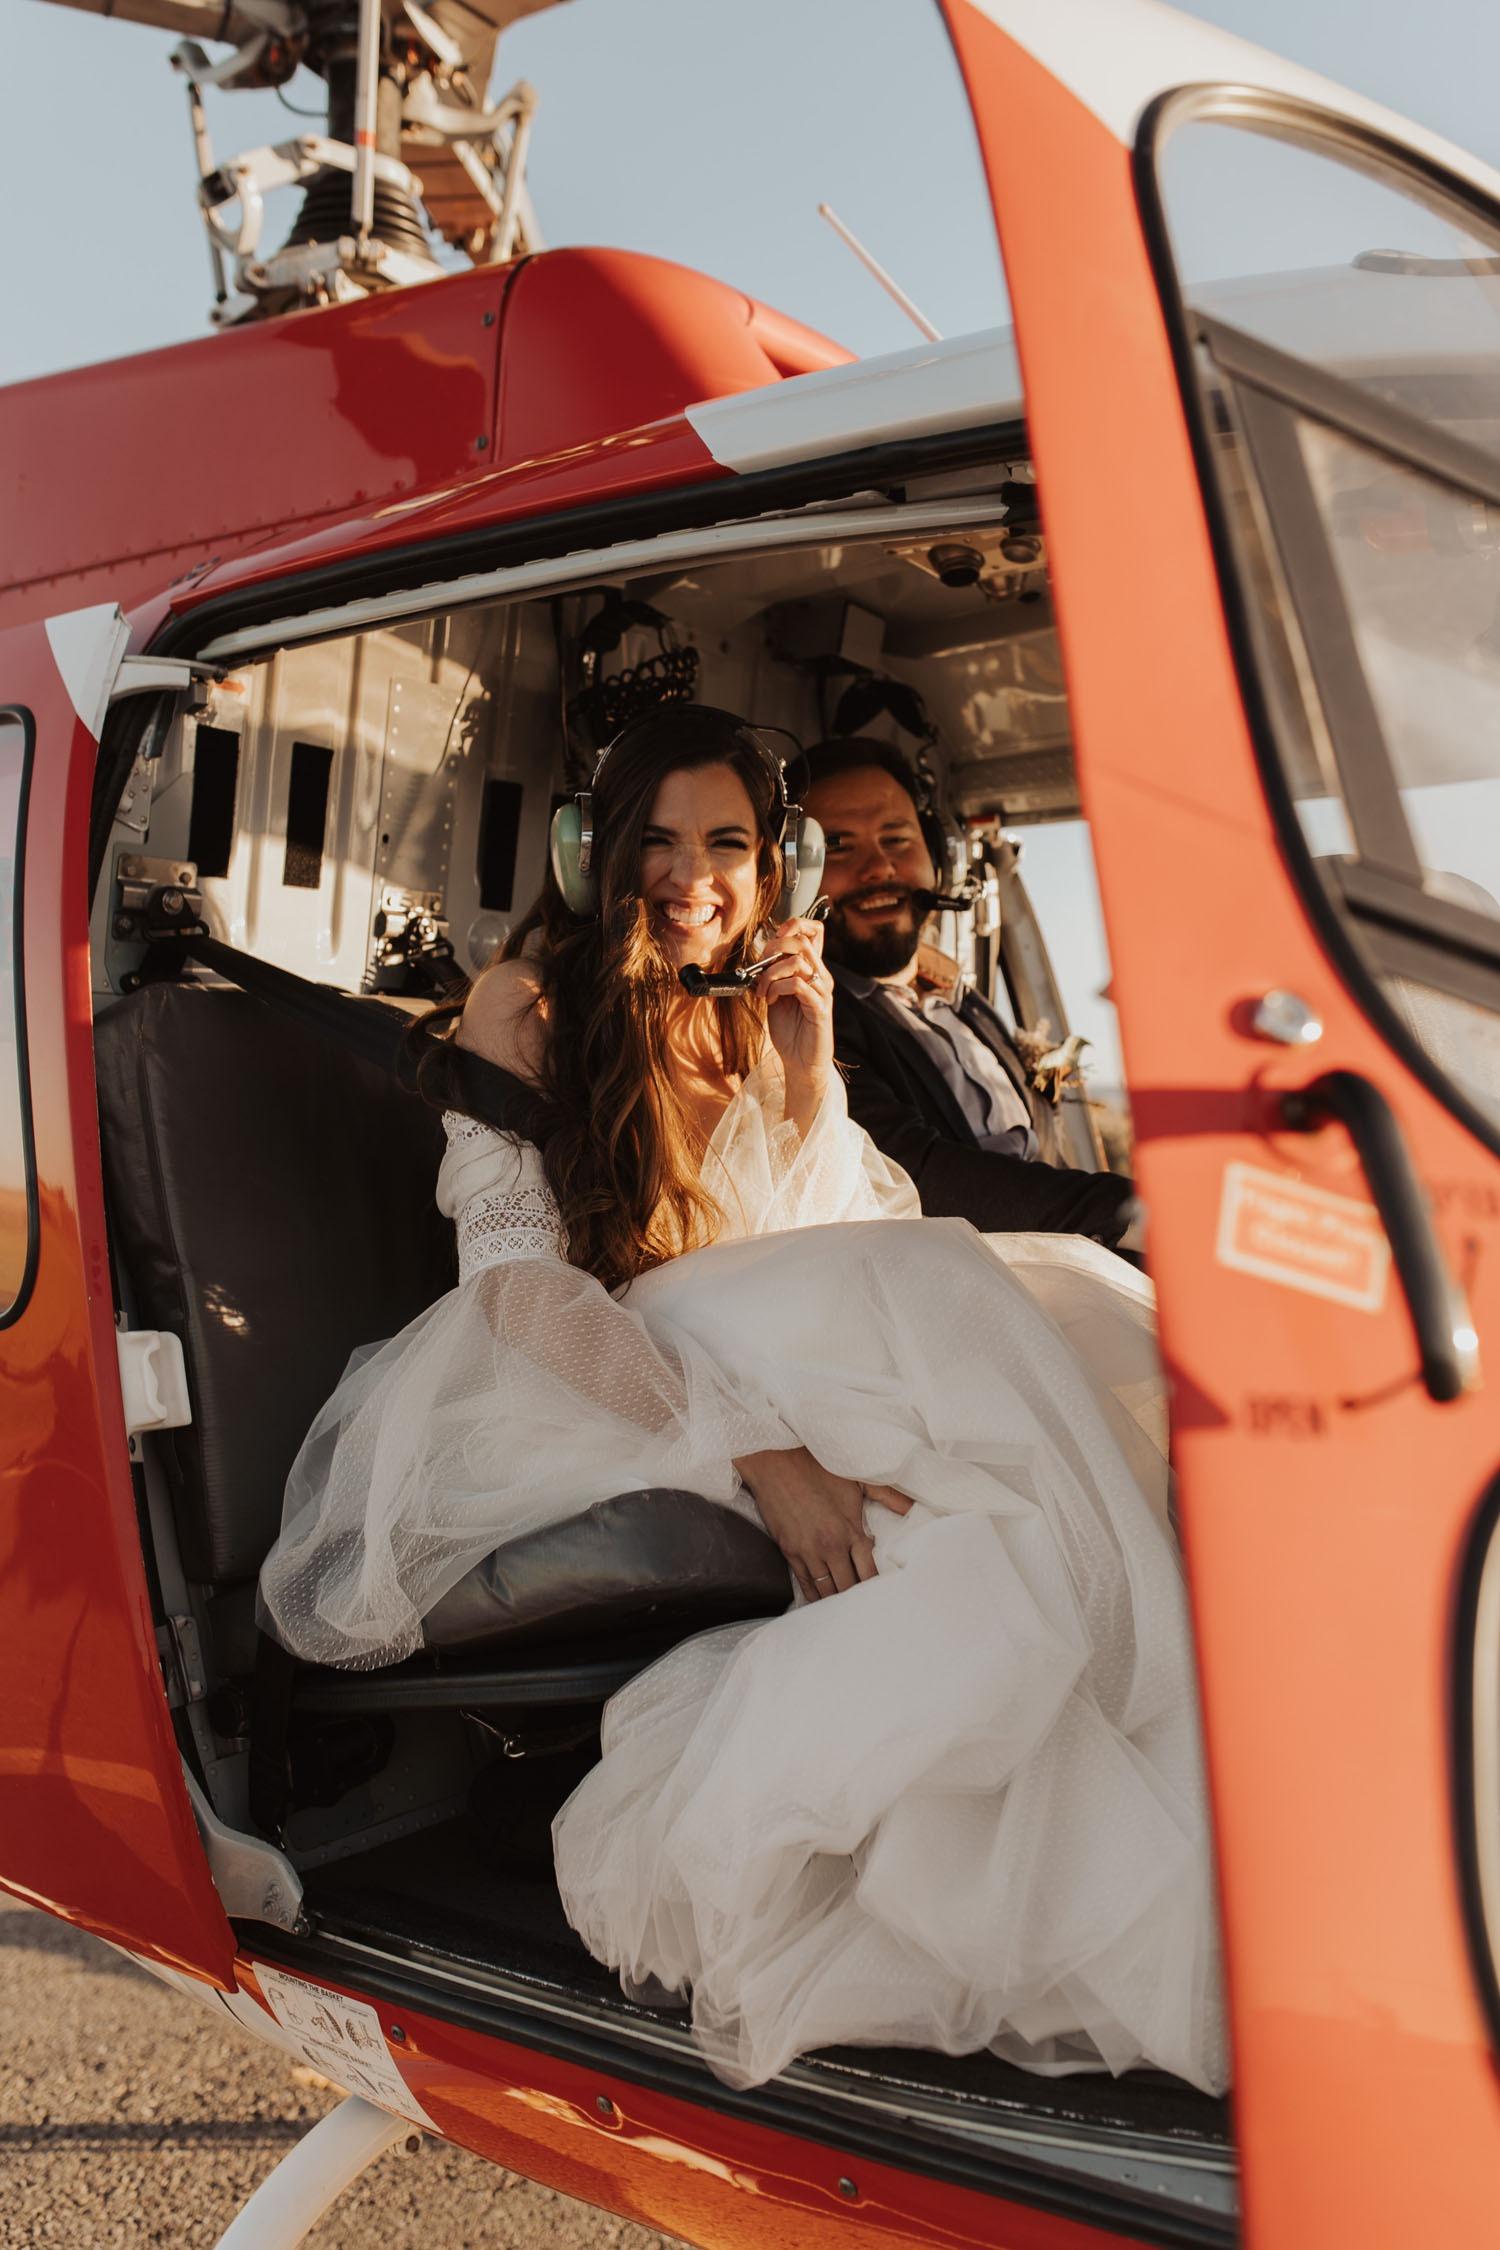 helicopter destination wedding ideas